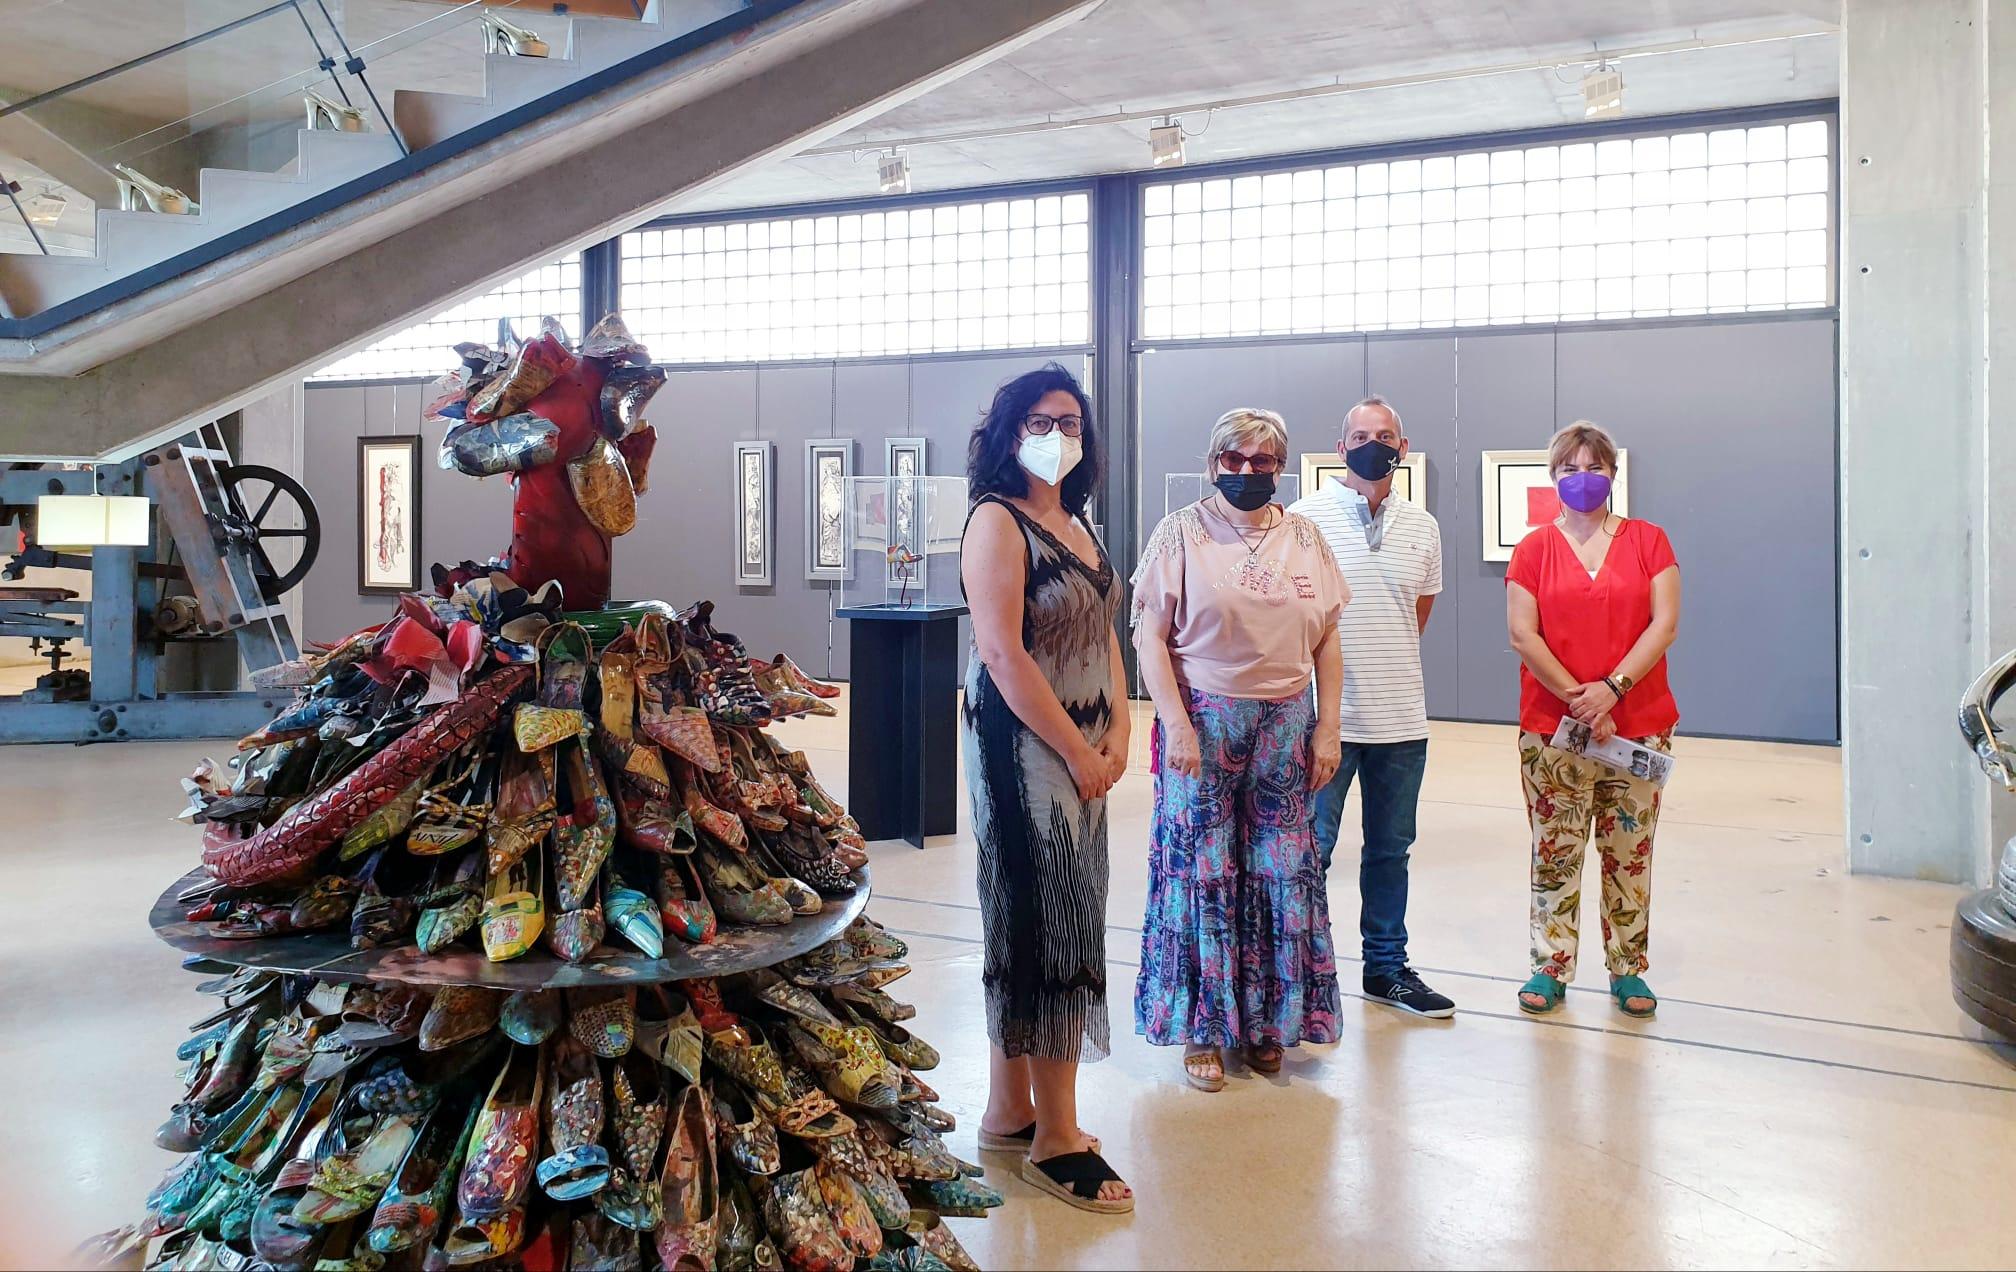 El Museo del Calzado acoge una exposición temporal de pintura y escultura realizada con zapatos reciclados